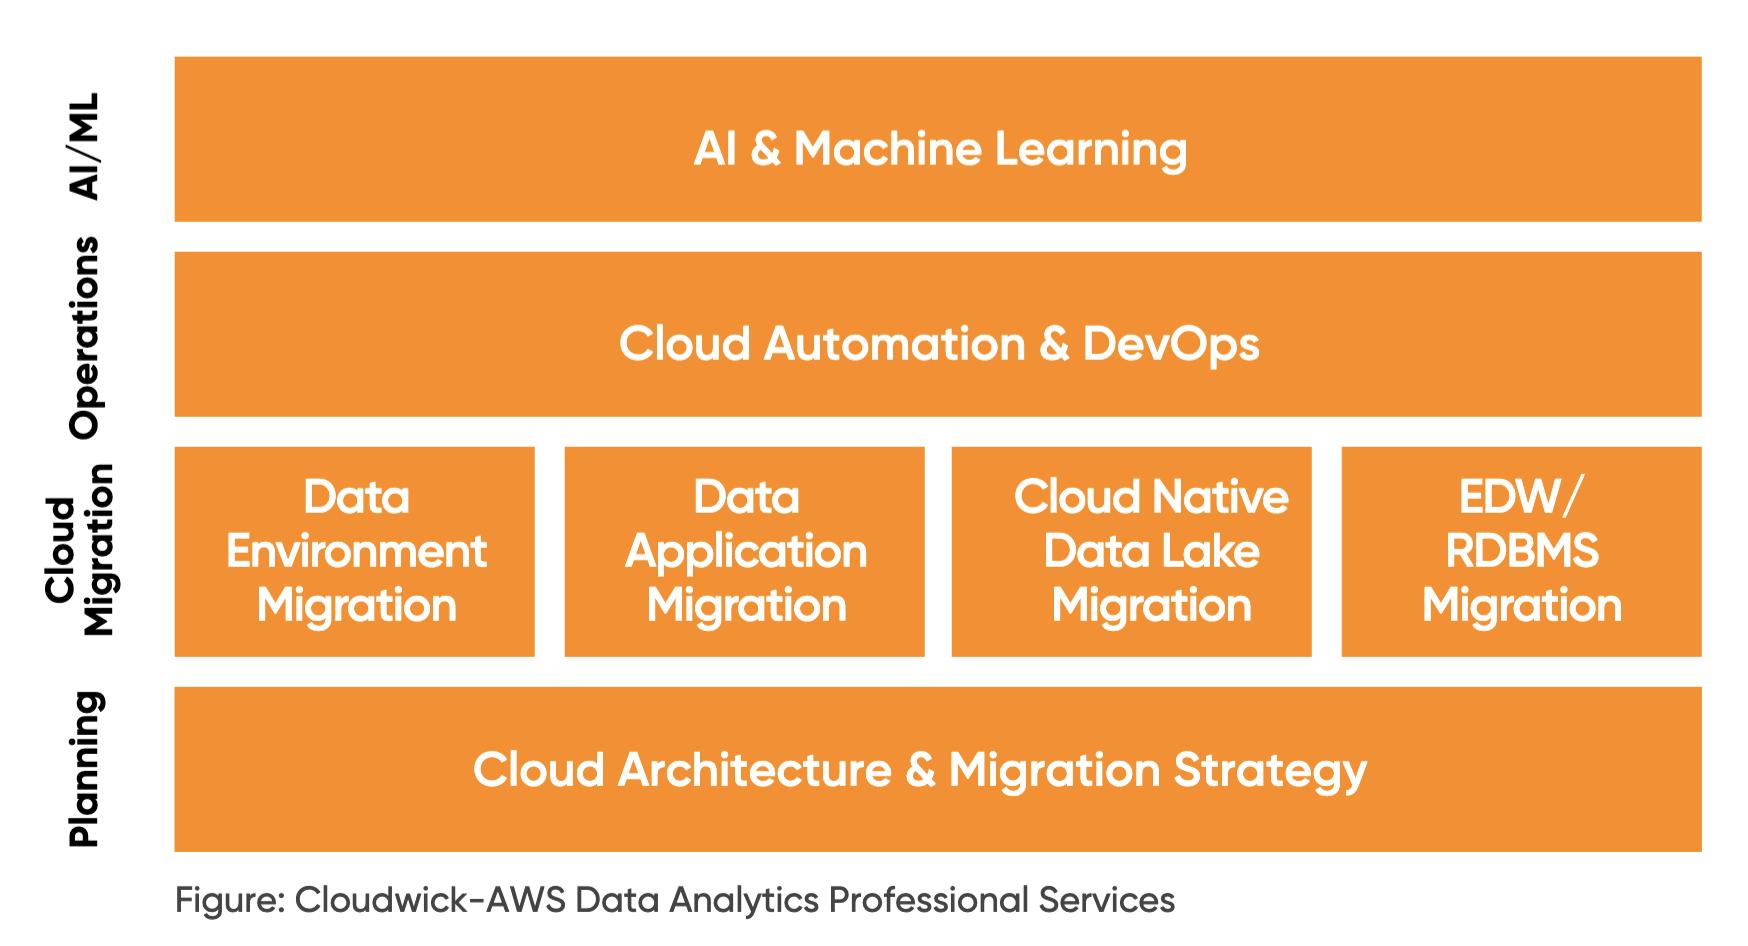 AWS Data Analytics Professional Services Portfolio